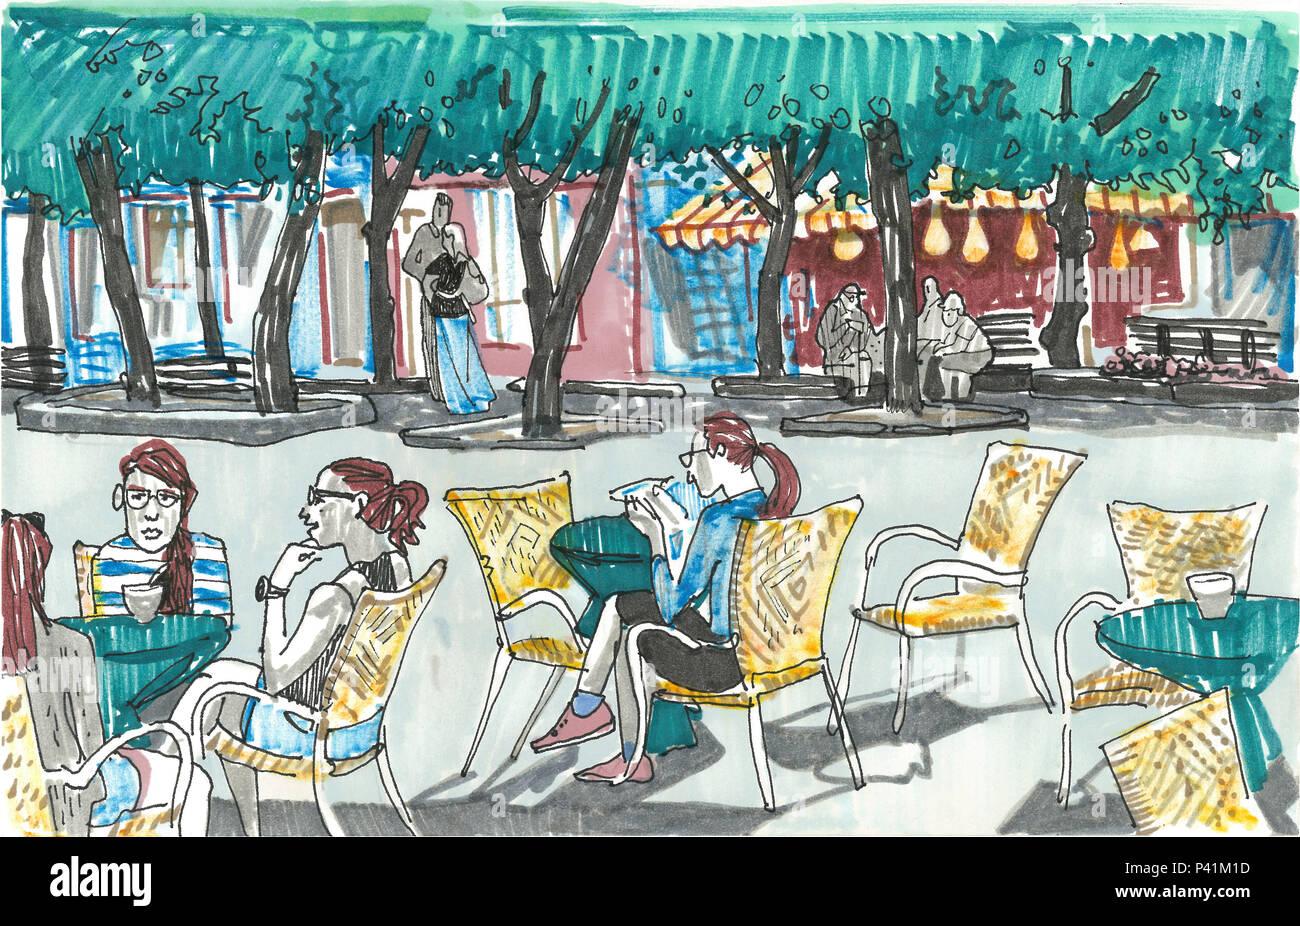 Ragazze seduti ai tavoli di outdoor cafe. Linea di alberi di tiglio, vetrine, persone sullo sfondo. Disegnato a mano stile sketch pennarello illustrazione. Città europea street. Kaunas. La lituania Immagini Stock